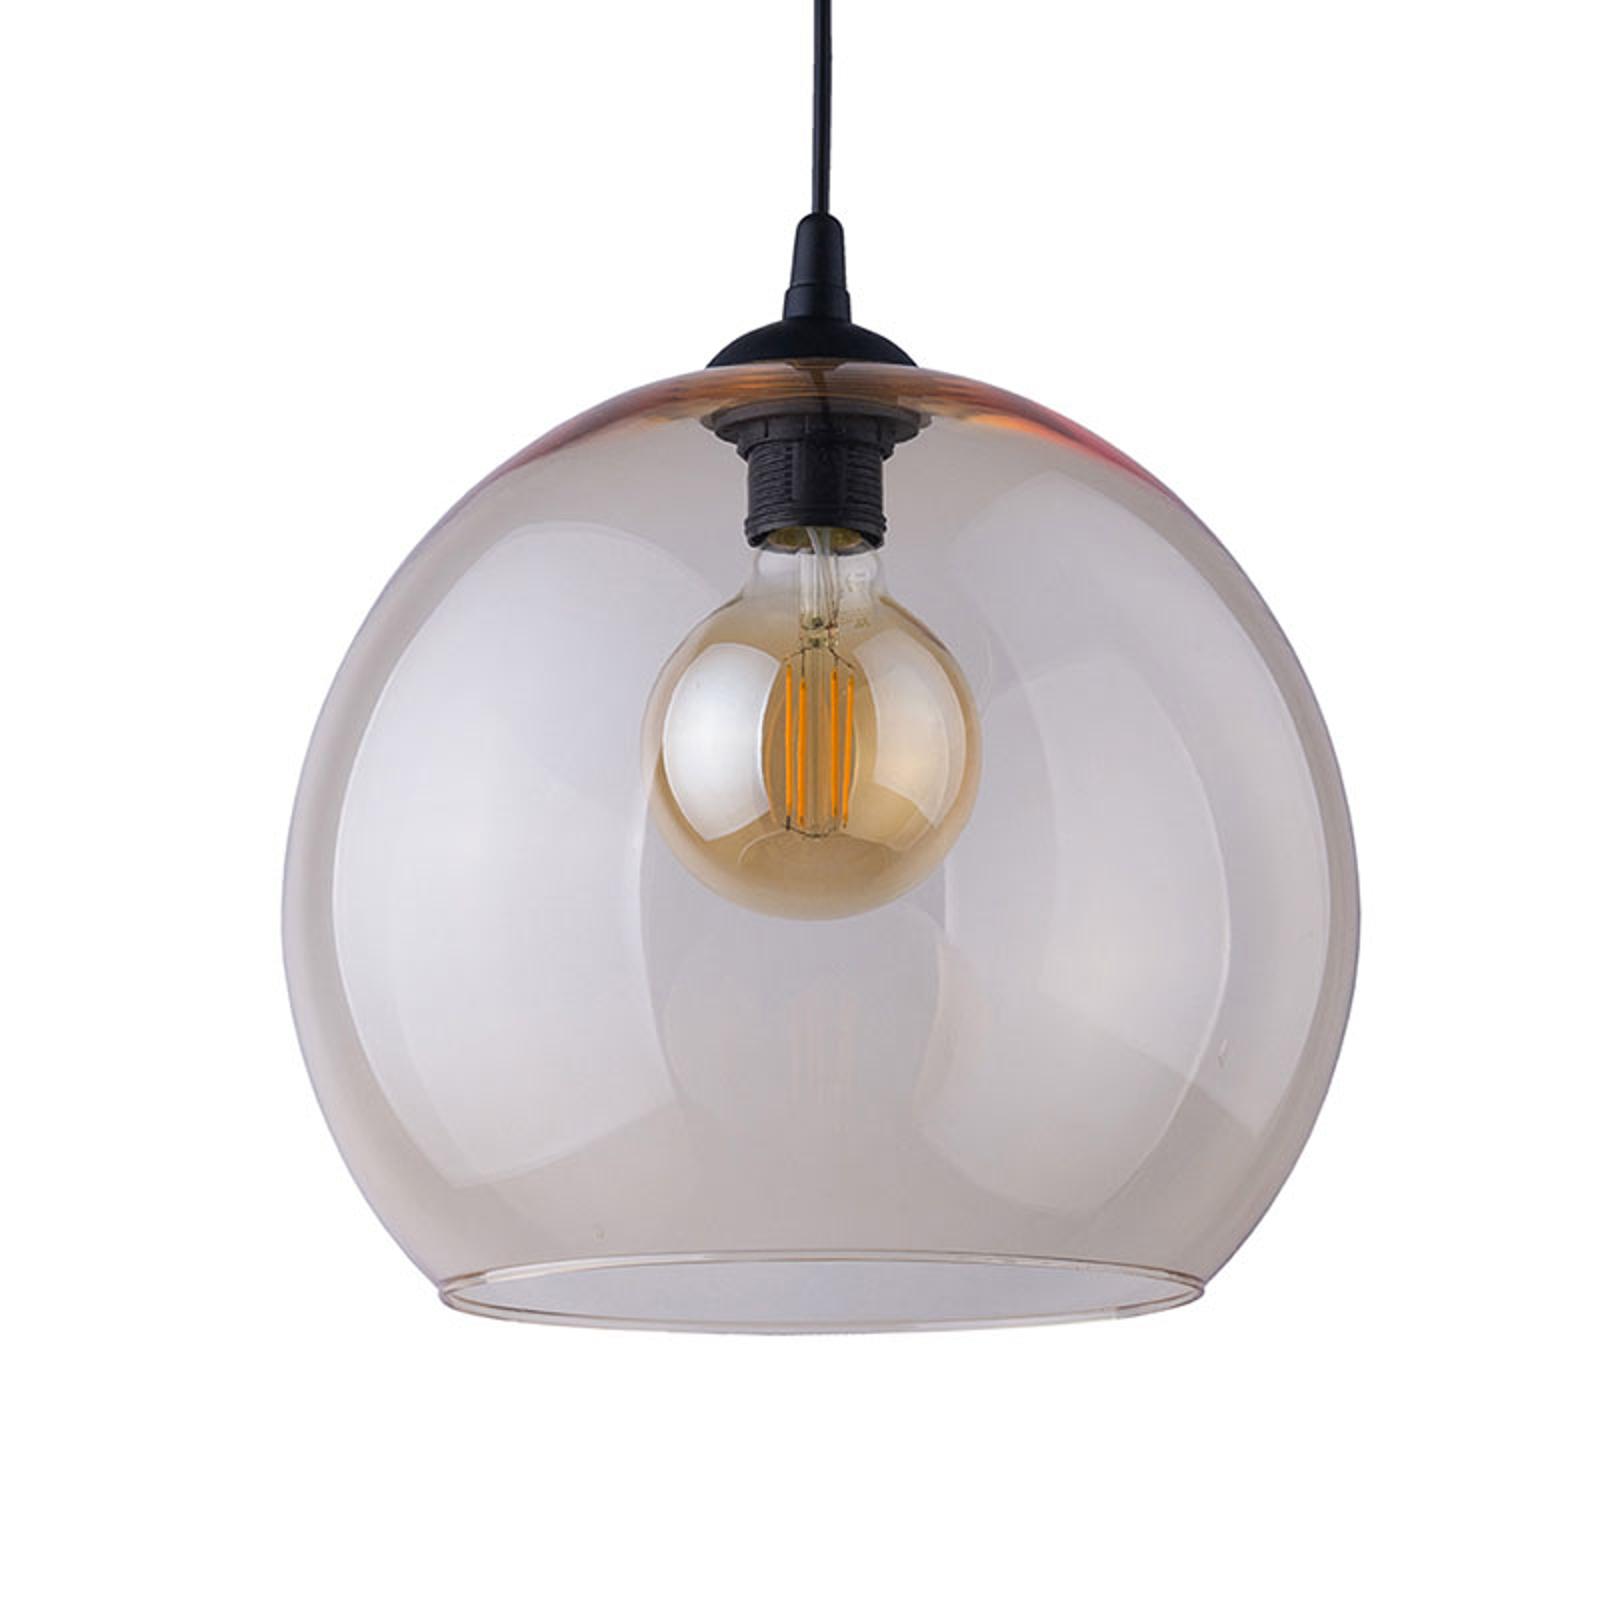 Suspension Cubus, à 1 lampe, ambrée